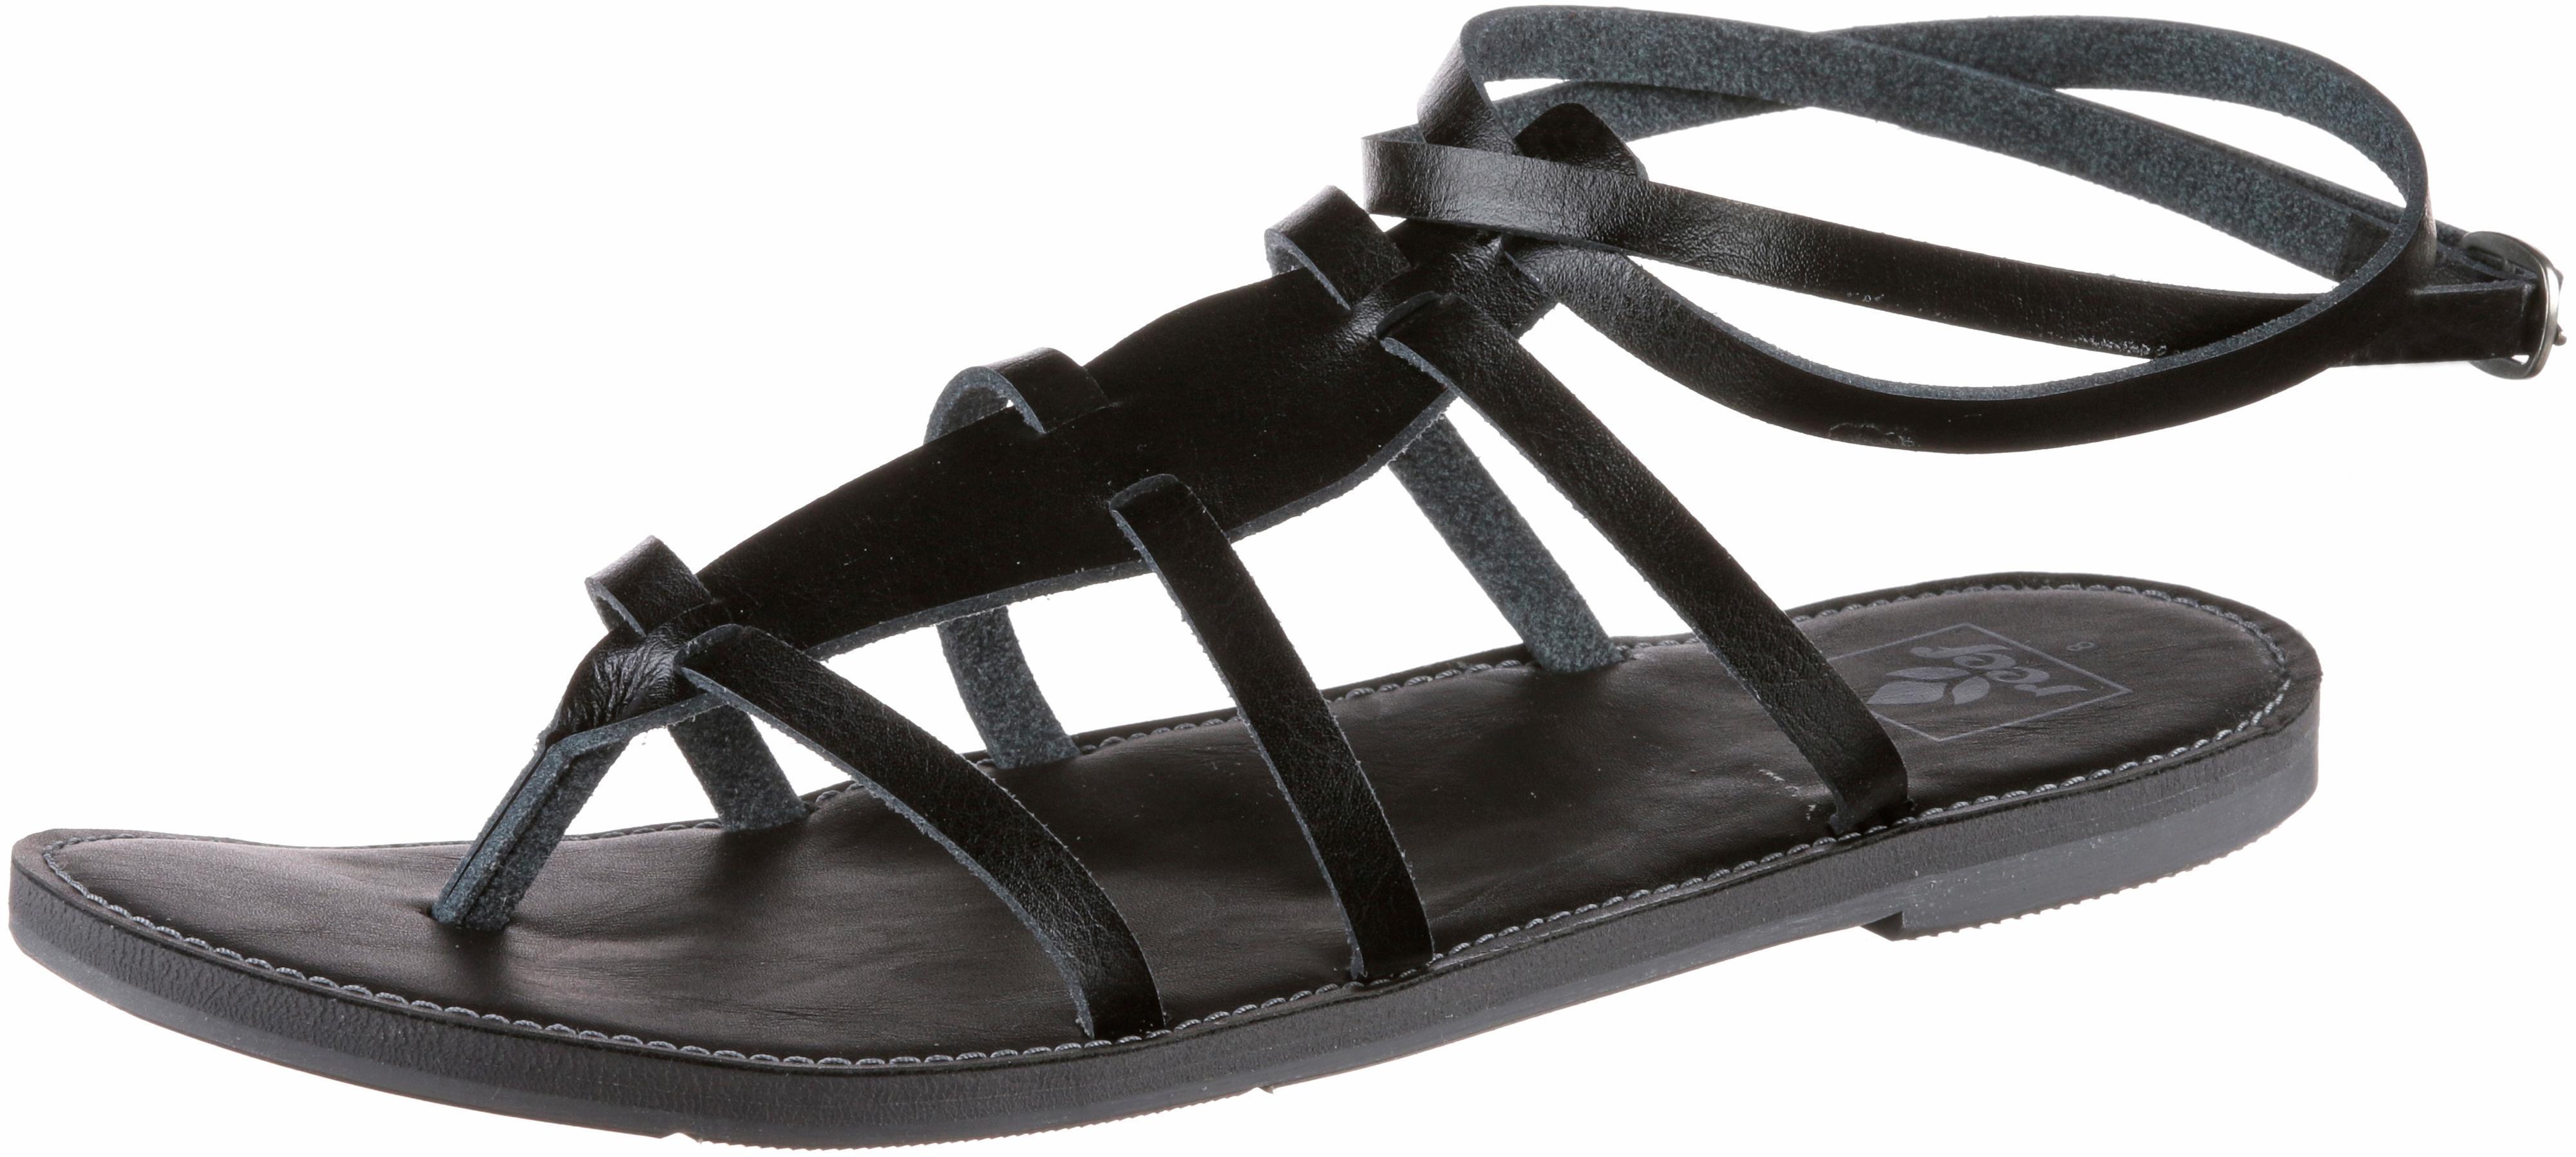 Reef NAOMI 4 Sandalen Damen schwarz im Online Shop von SportScheck kaufen Gute Qualität beliebte Schuhe